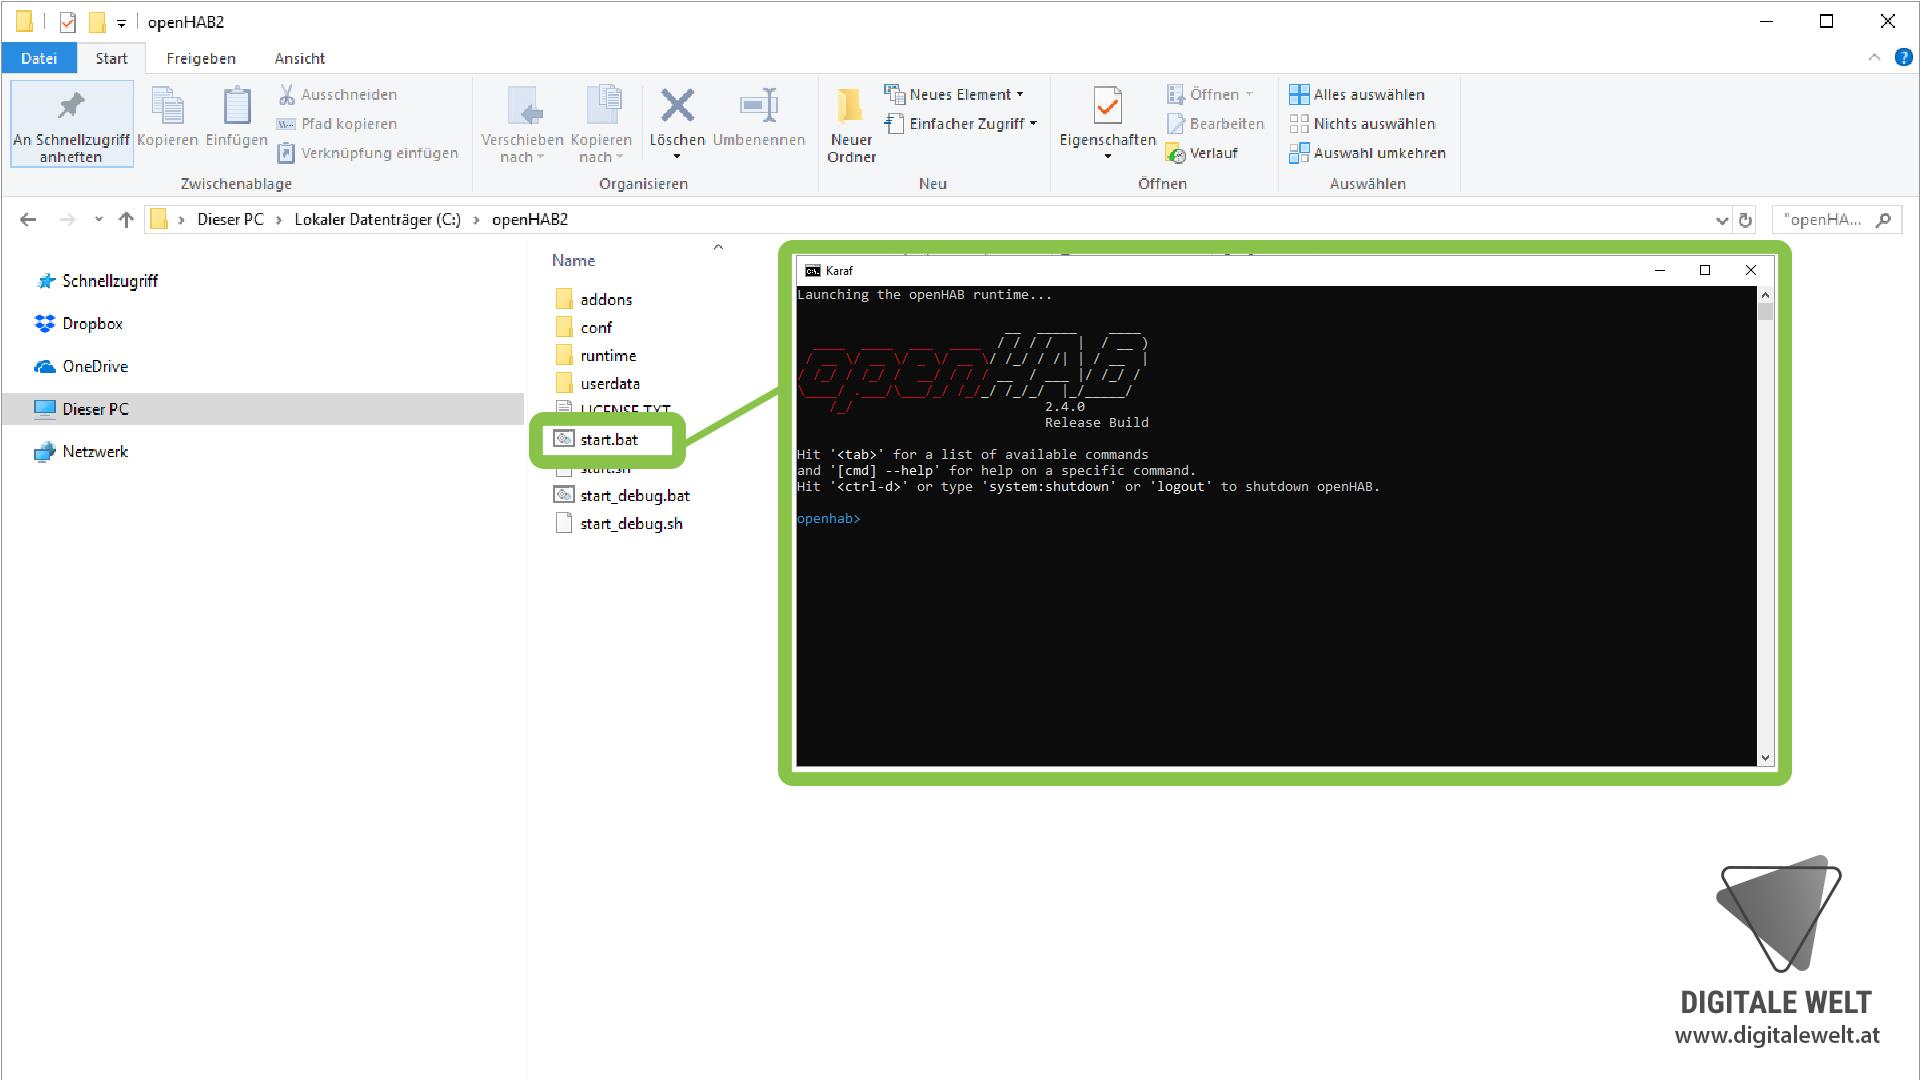 openHAB 2 Windows - Dienst starten (DigitaleWelt)